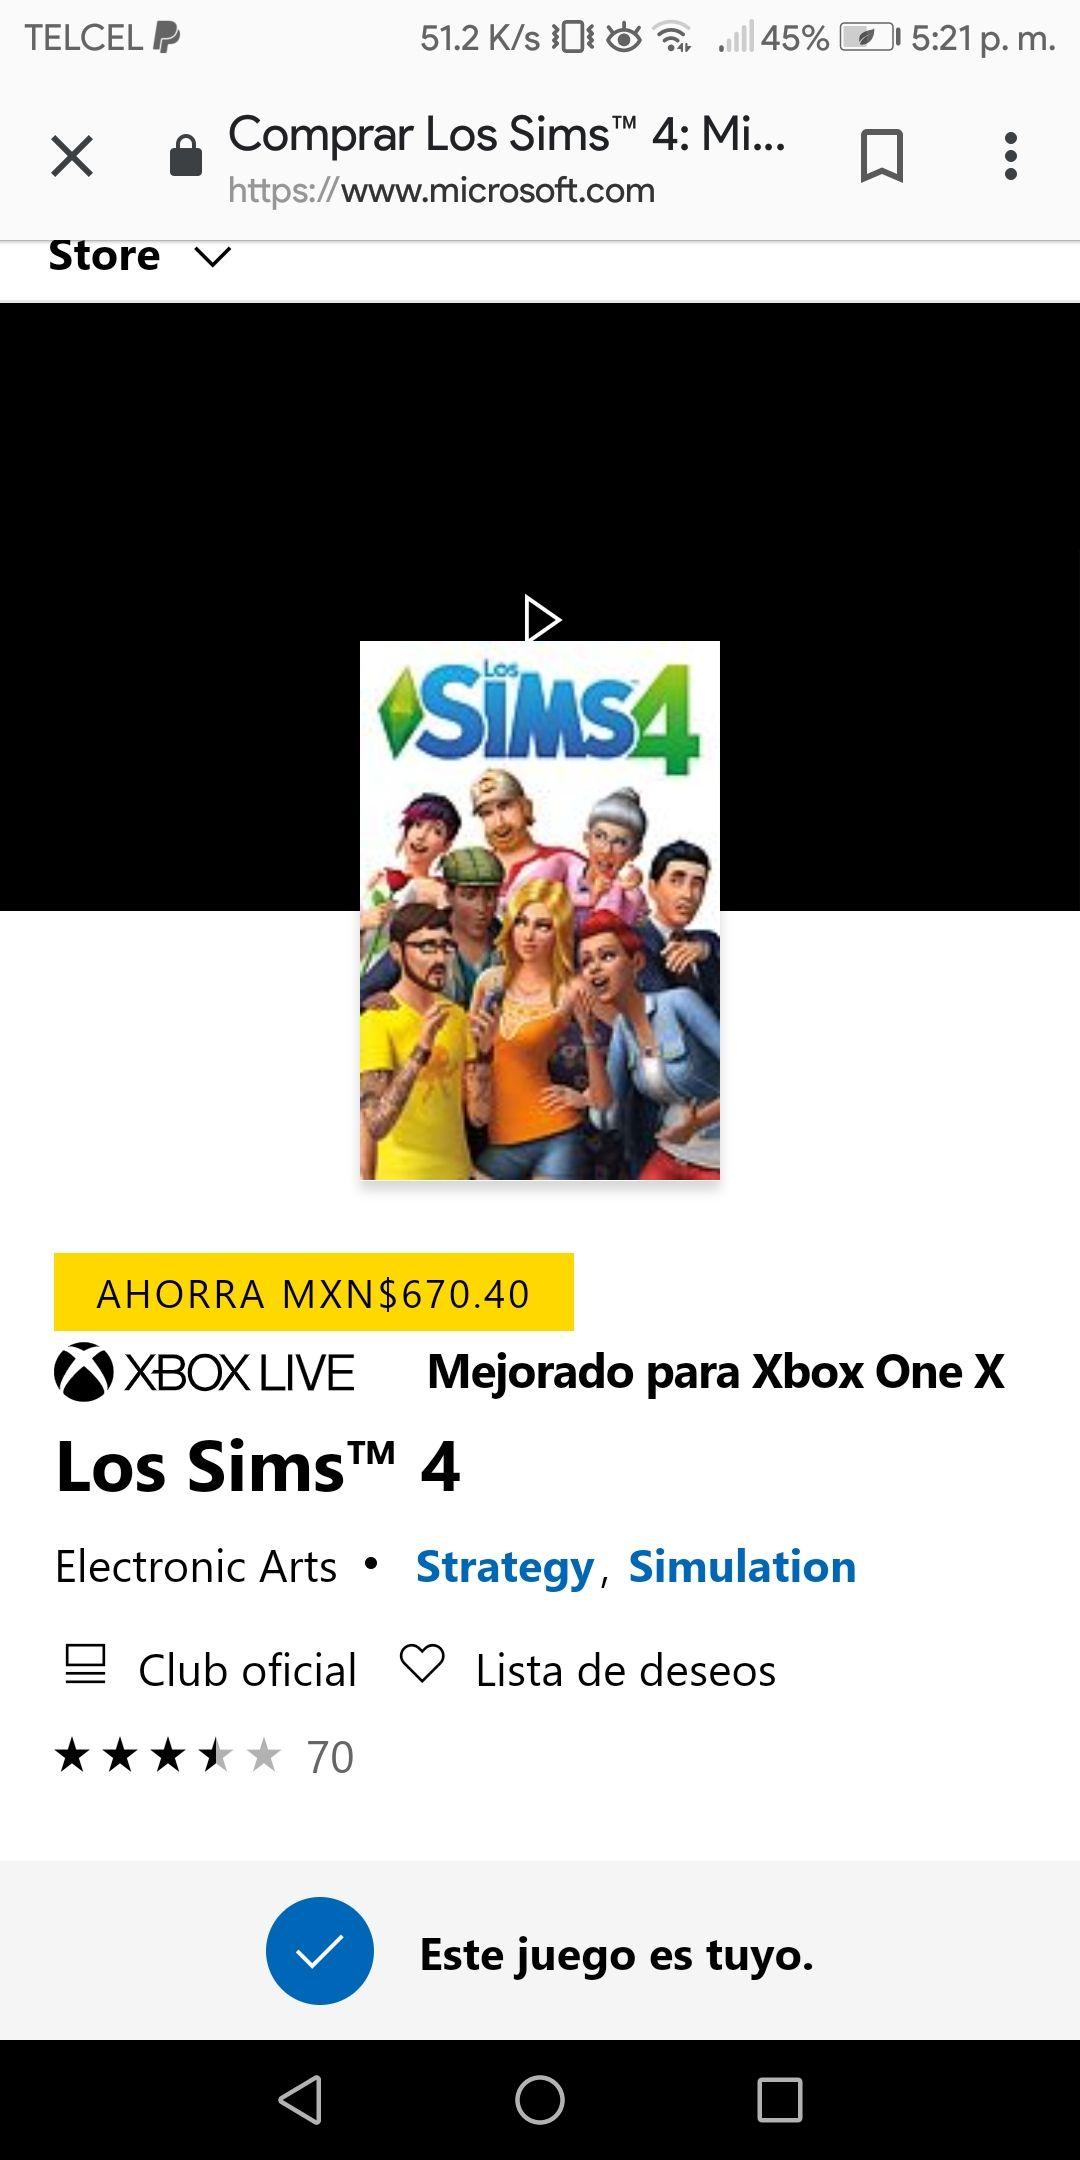 Microsoft Store: The Sims 4 a 167.60 pesos mx por solo 4 dias